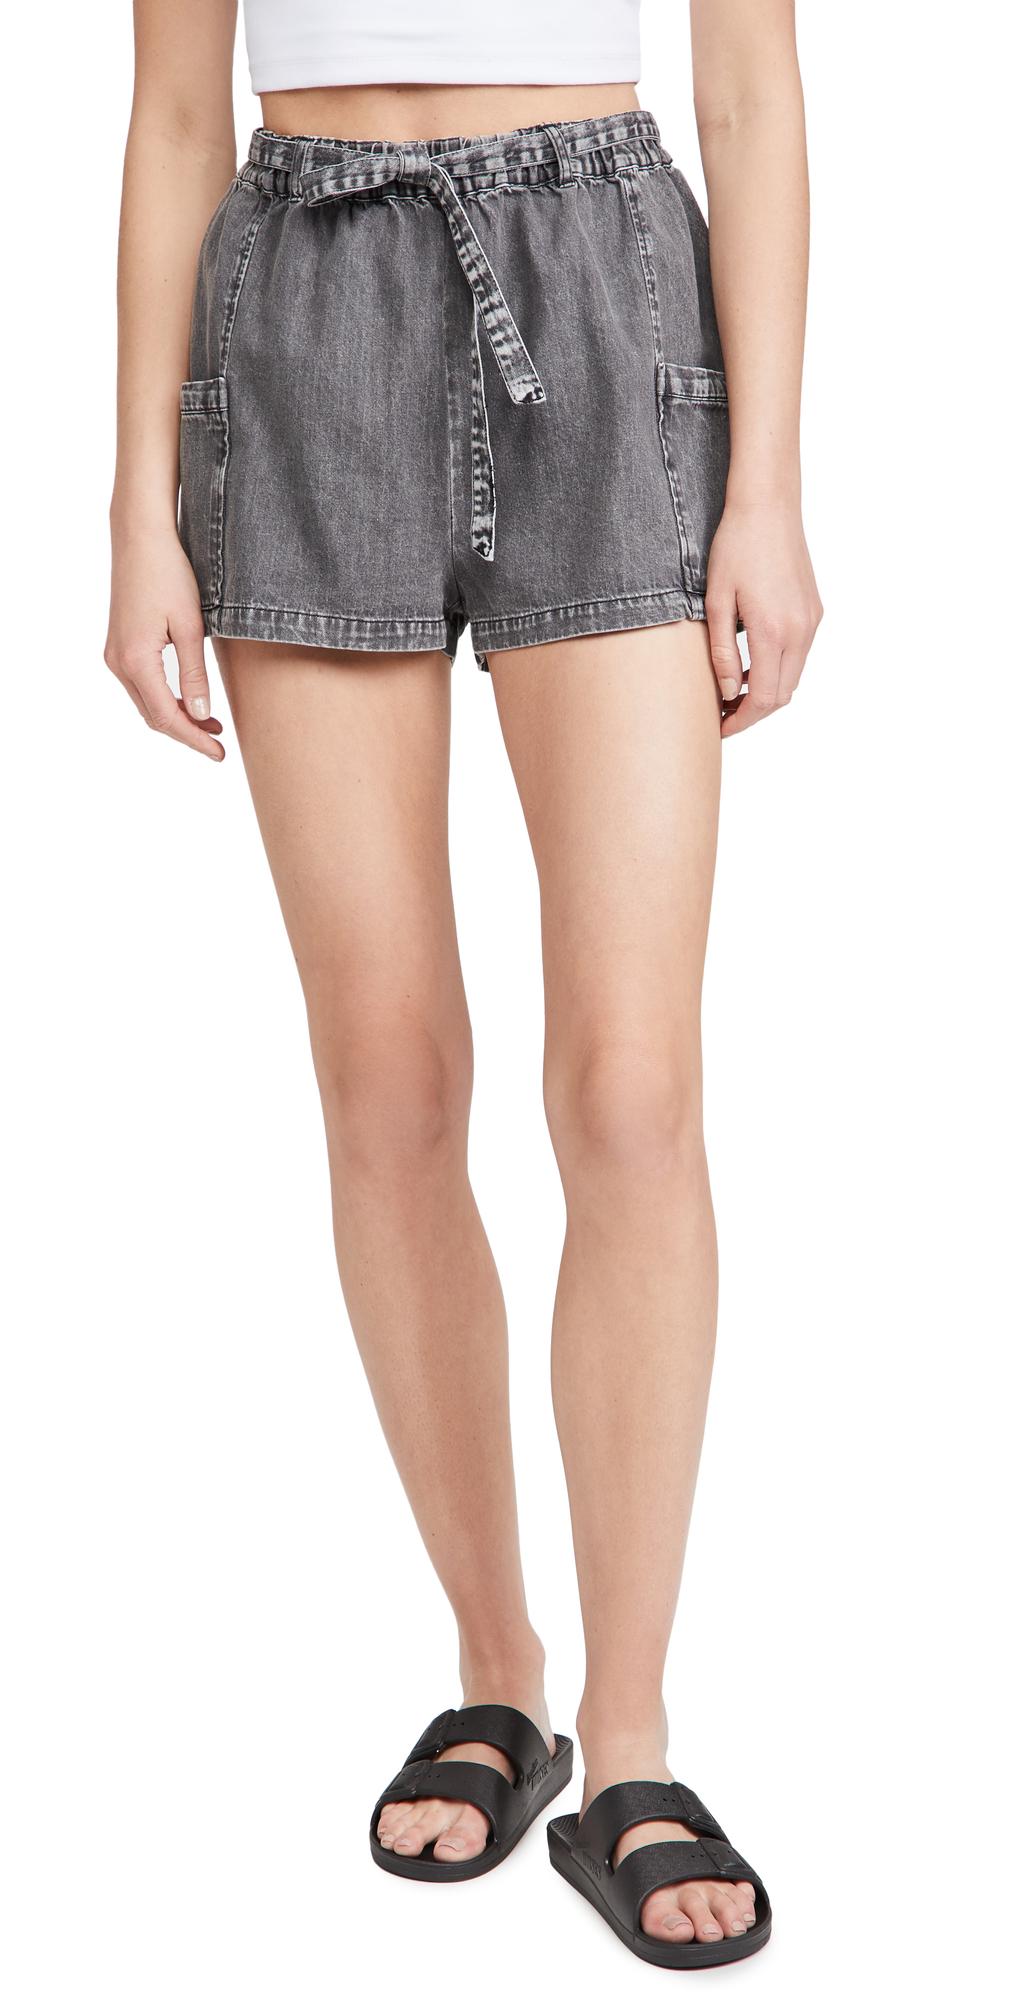 California Girls Shorts